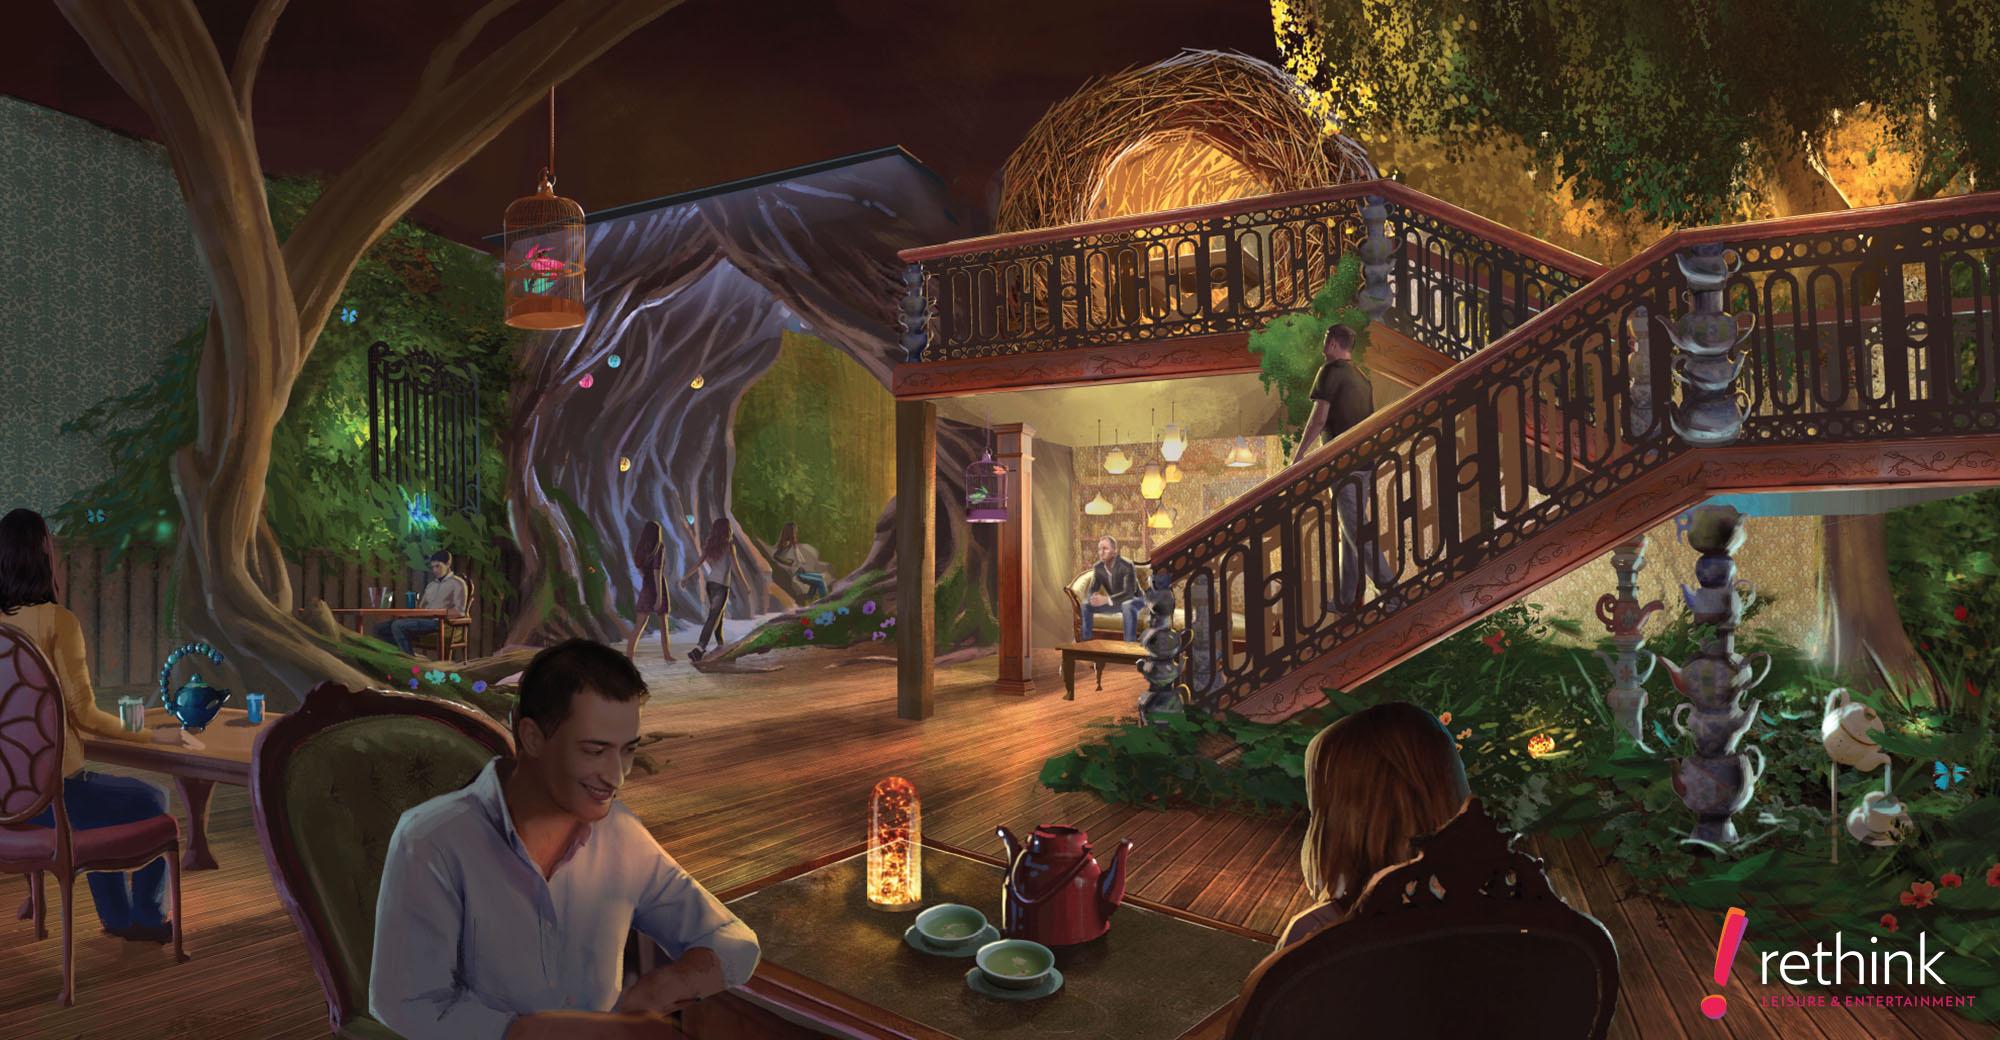 teahouse3.jpg